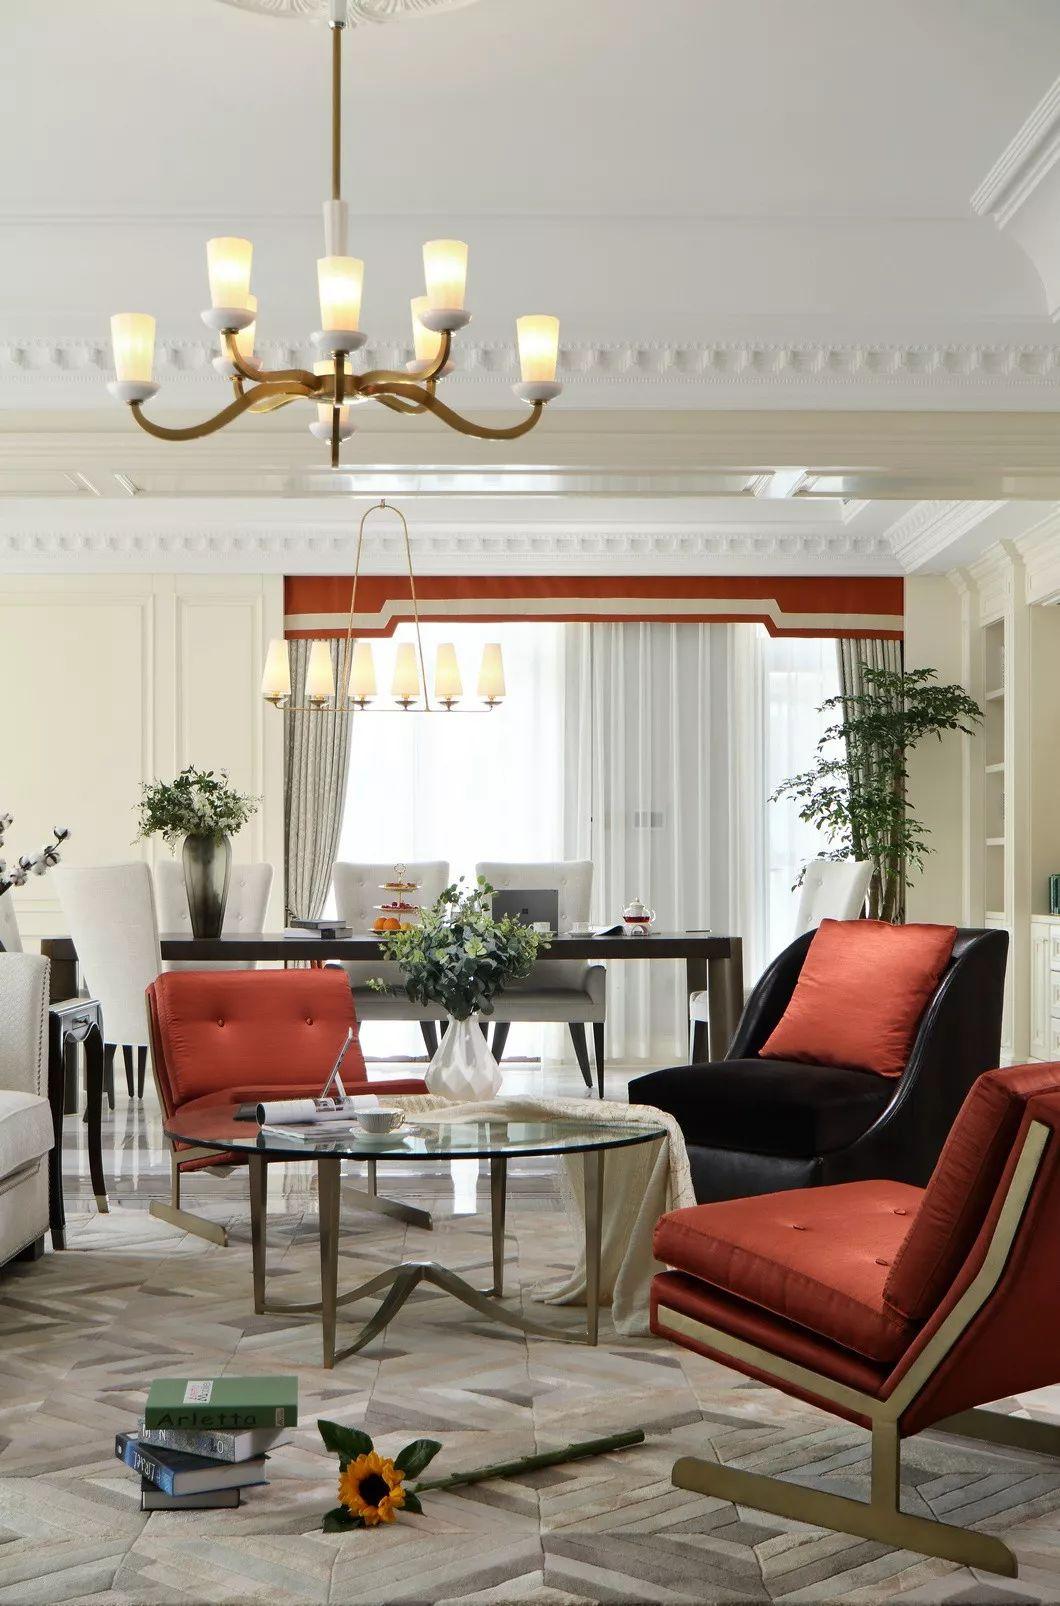 既是客厅又是工作会客区域的设计是由两个不同形式的空间陈设方式组成,饶有趣味性的组合。